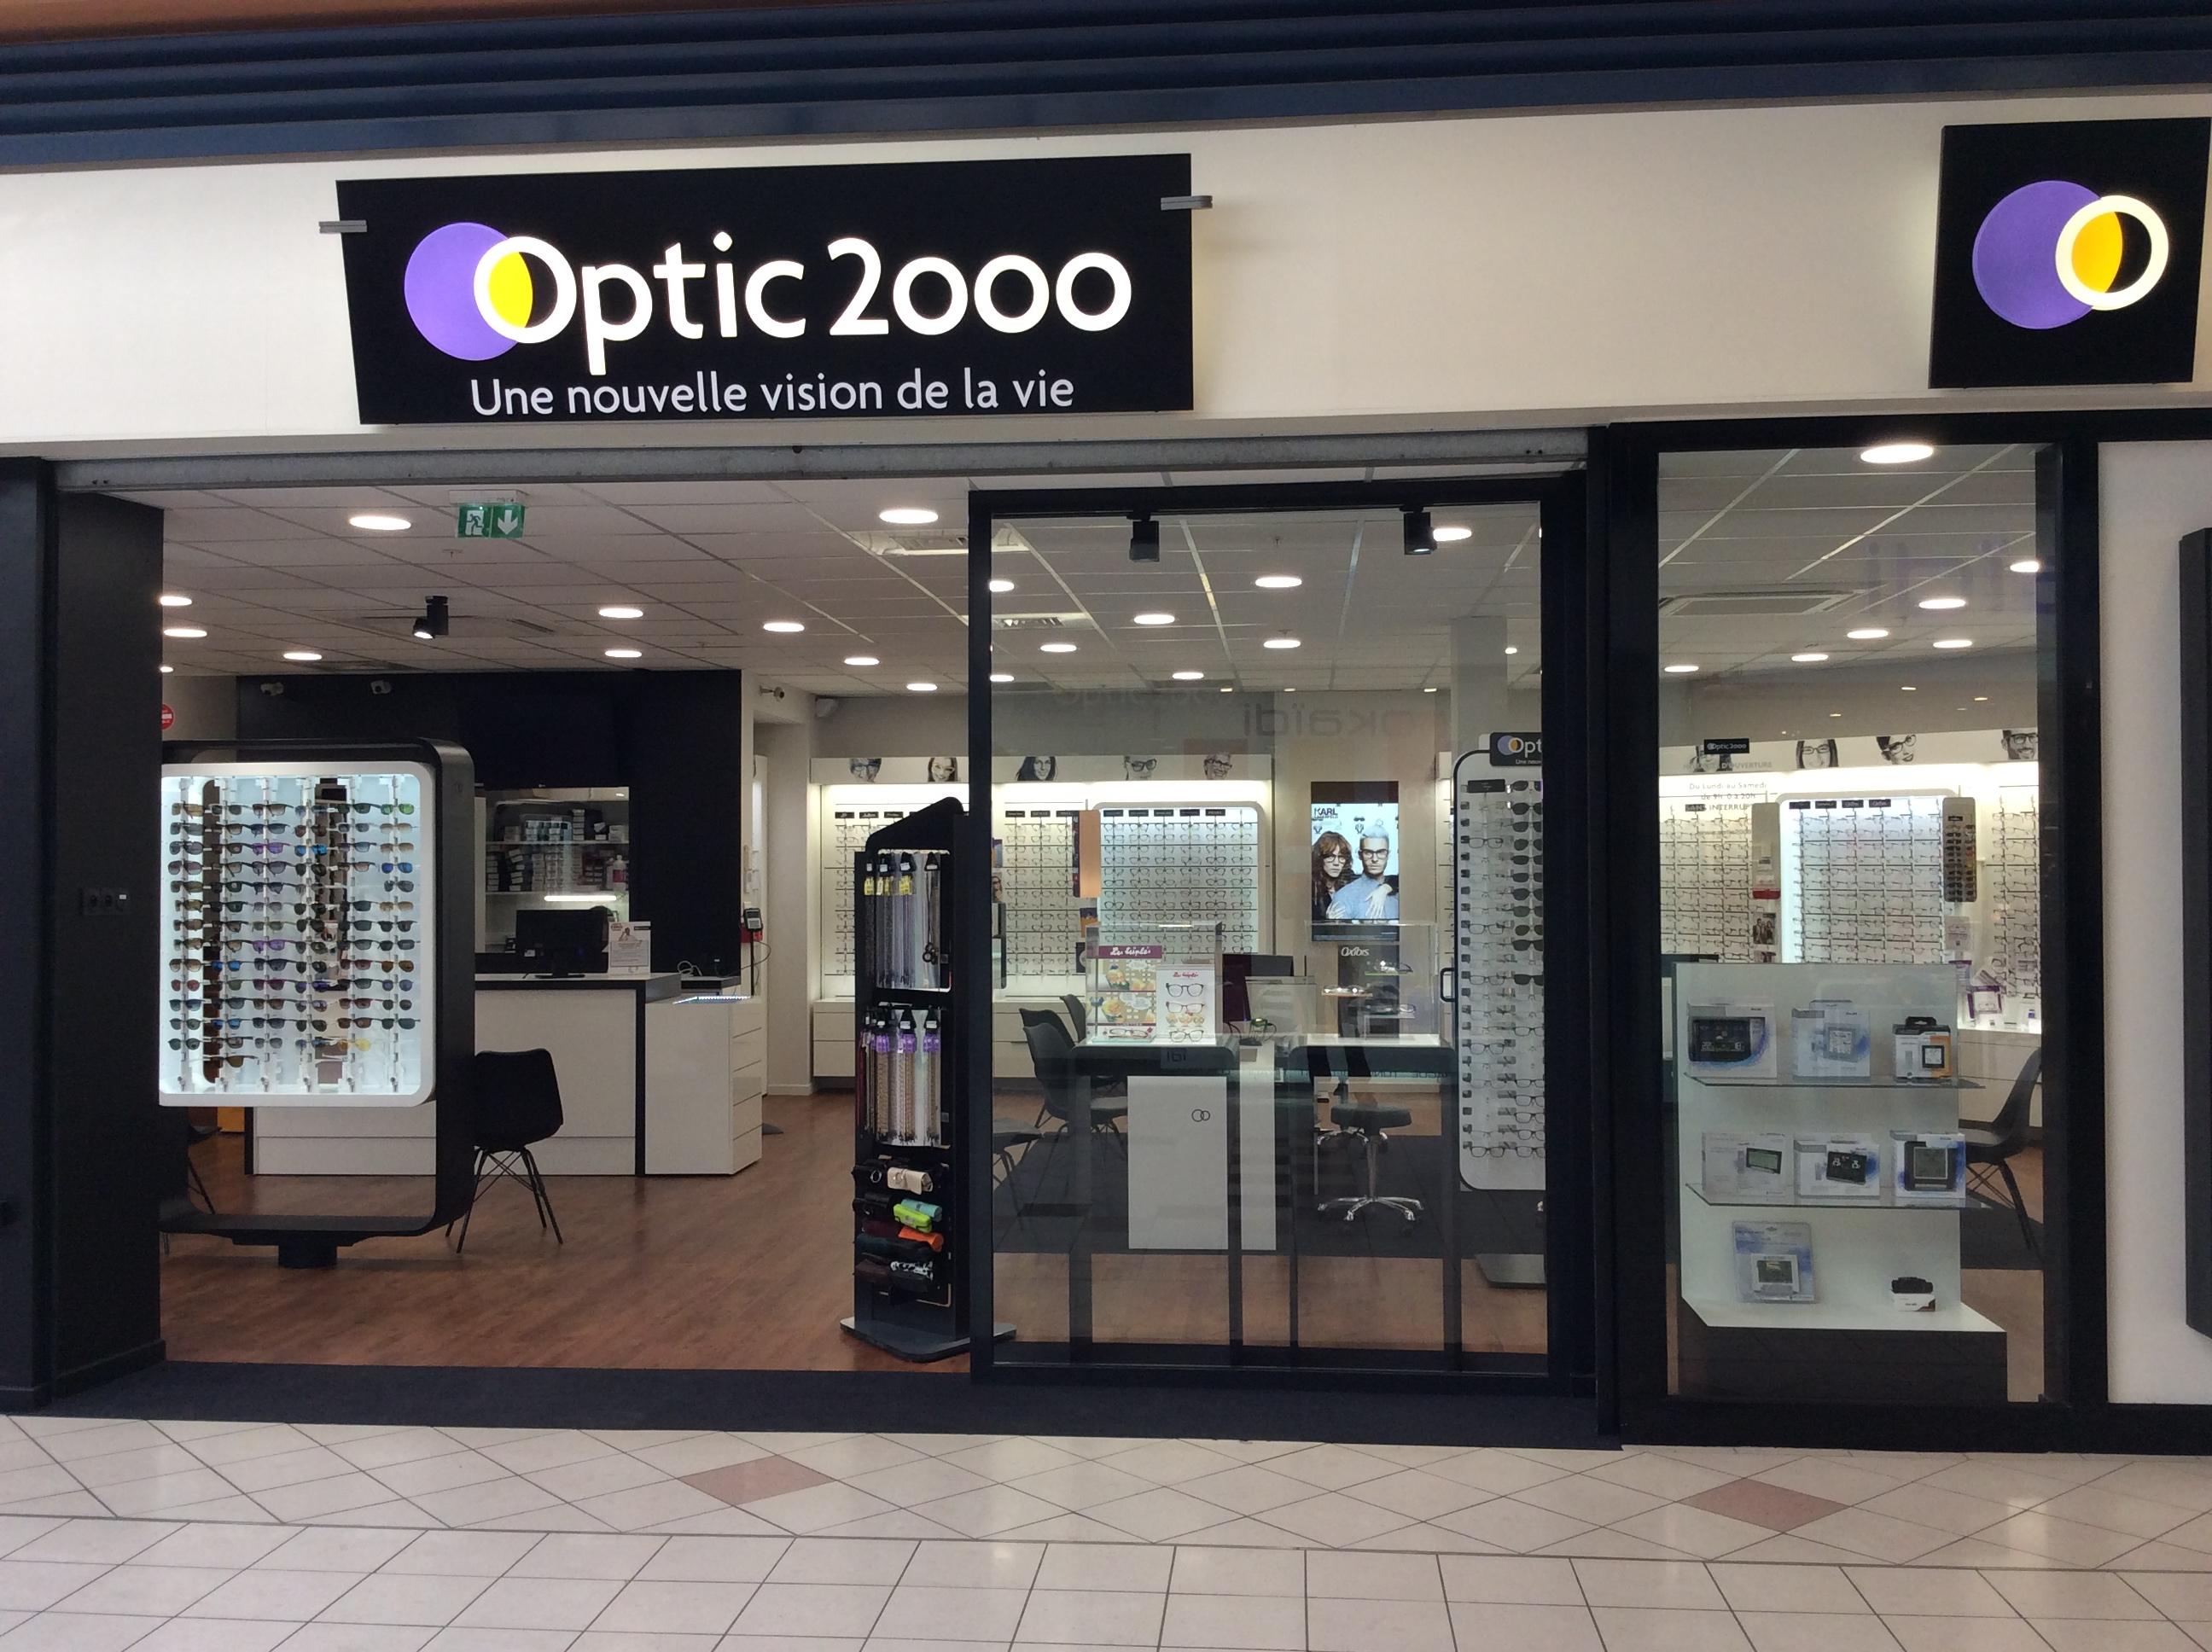 Opticien Optic 2000 SAINT PARRES AUX TERTRES 10410 - lunettes femme,  lunettes homme - Optic 2000 12deb5f520e0